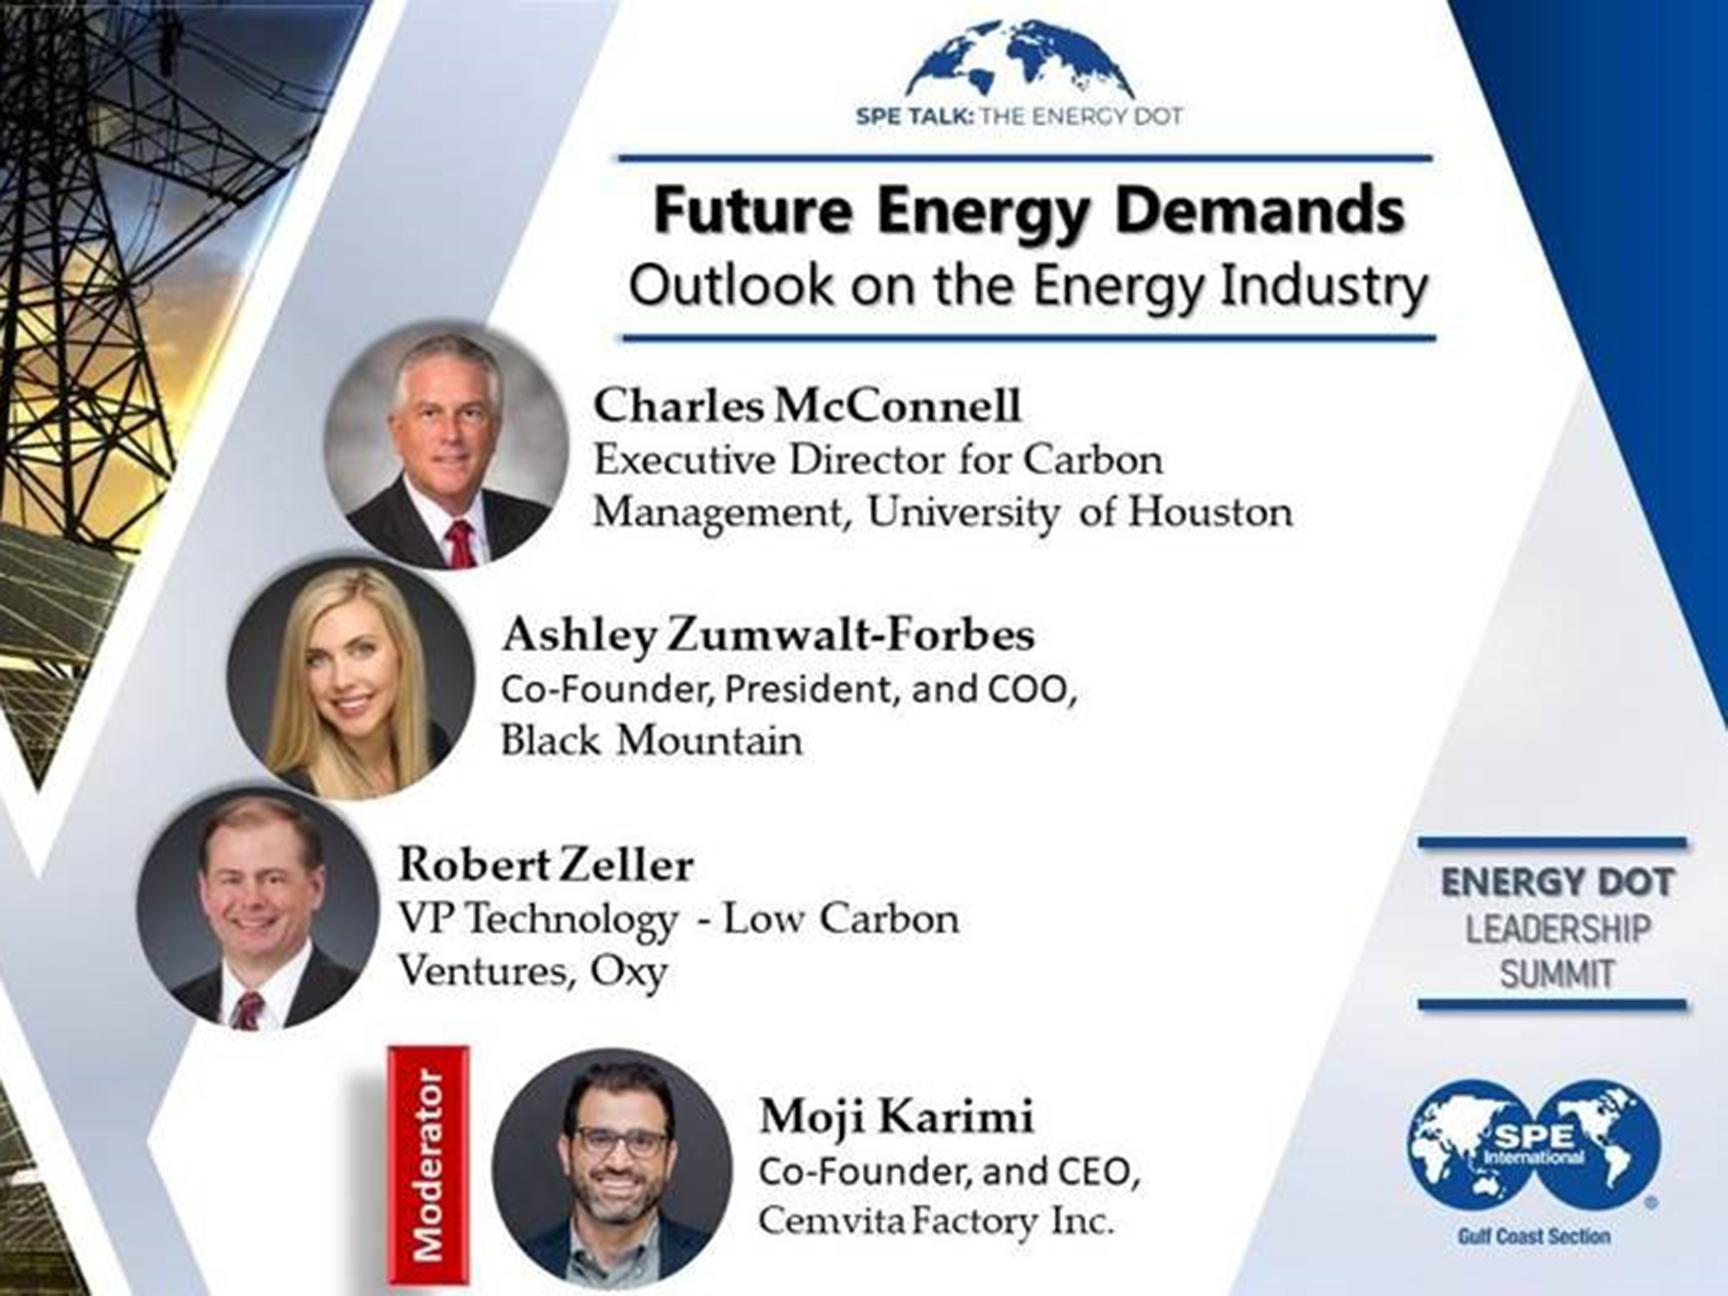 SPE EnergyDot Leadership Summit 2020 Panel Image